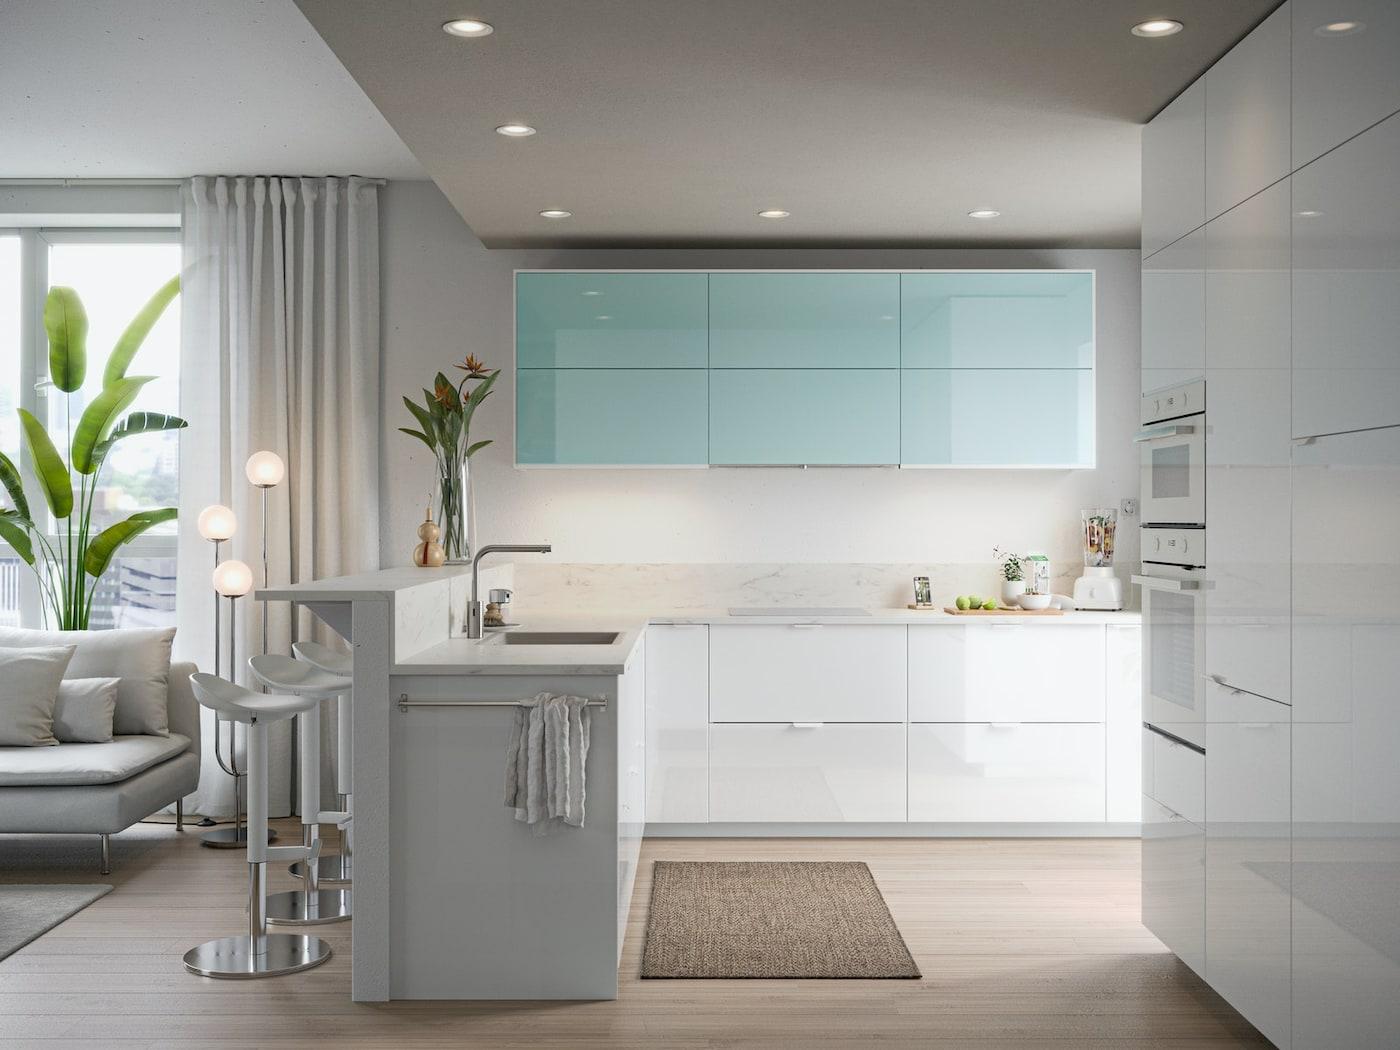 Une cuisine minimaliste avec des portes blanches brillantes et turquoises, une planche à découper avec des fruits, un mixeur avec des fruits.